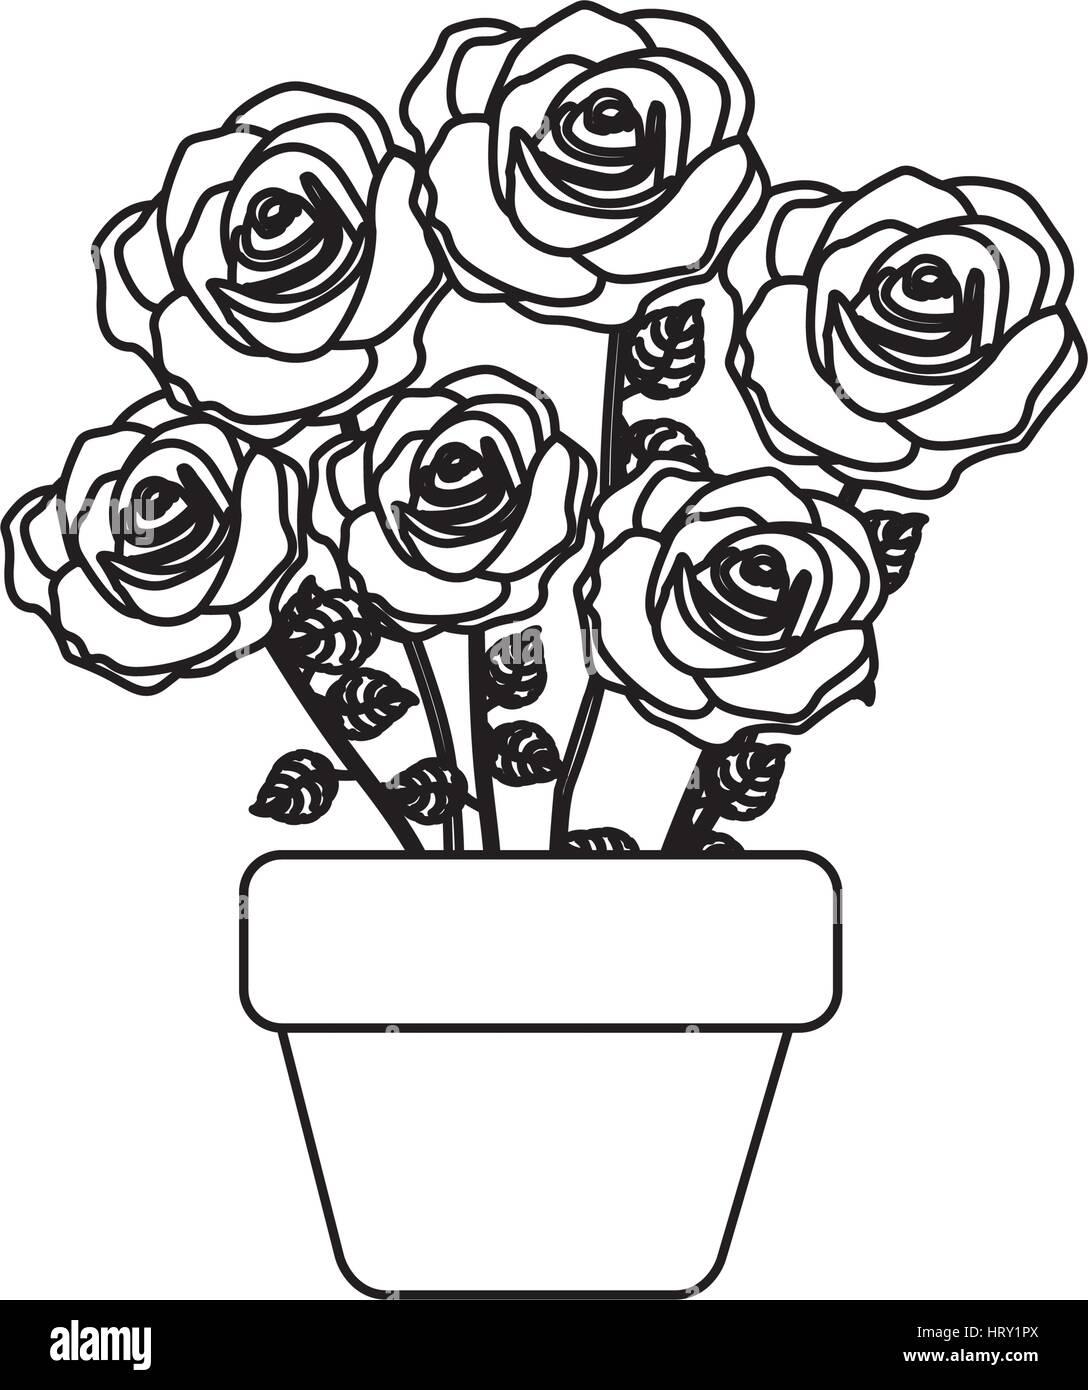 Rose Drawing Flower Pot Rose Drawing